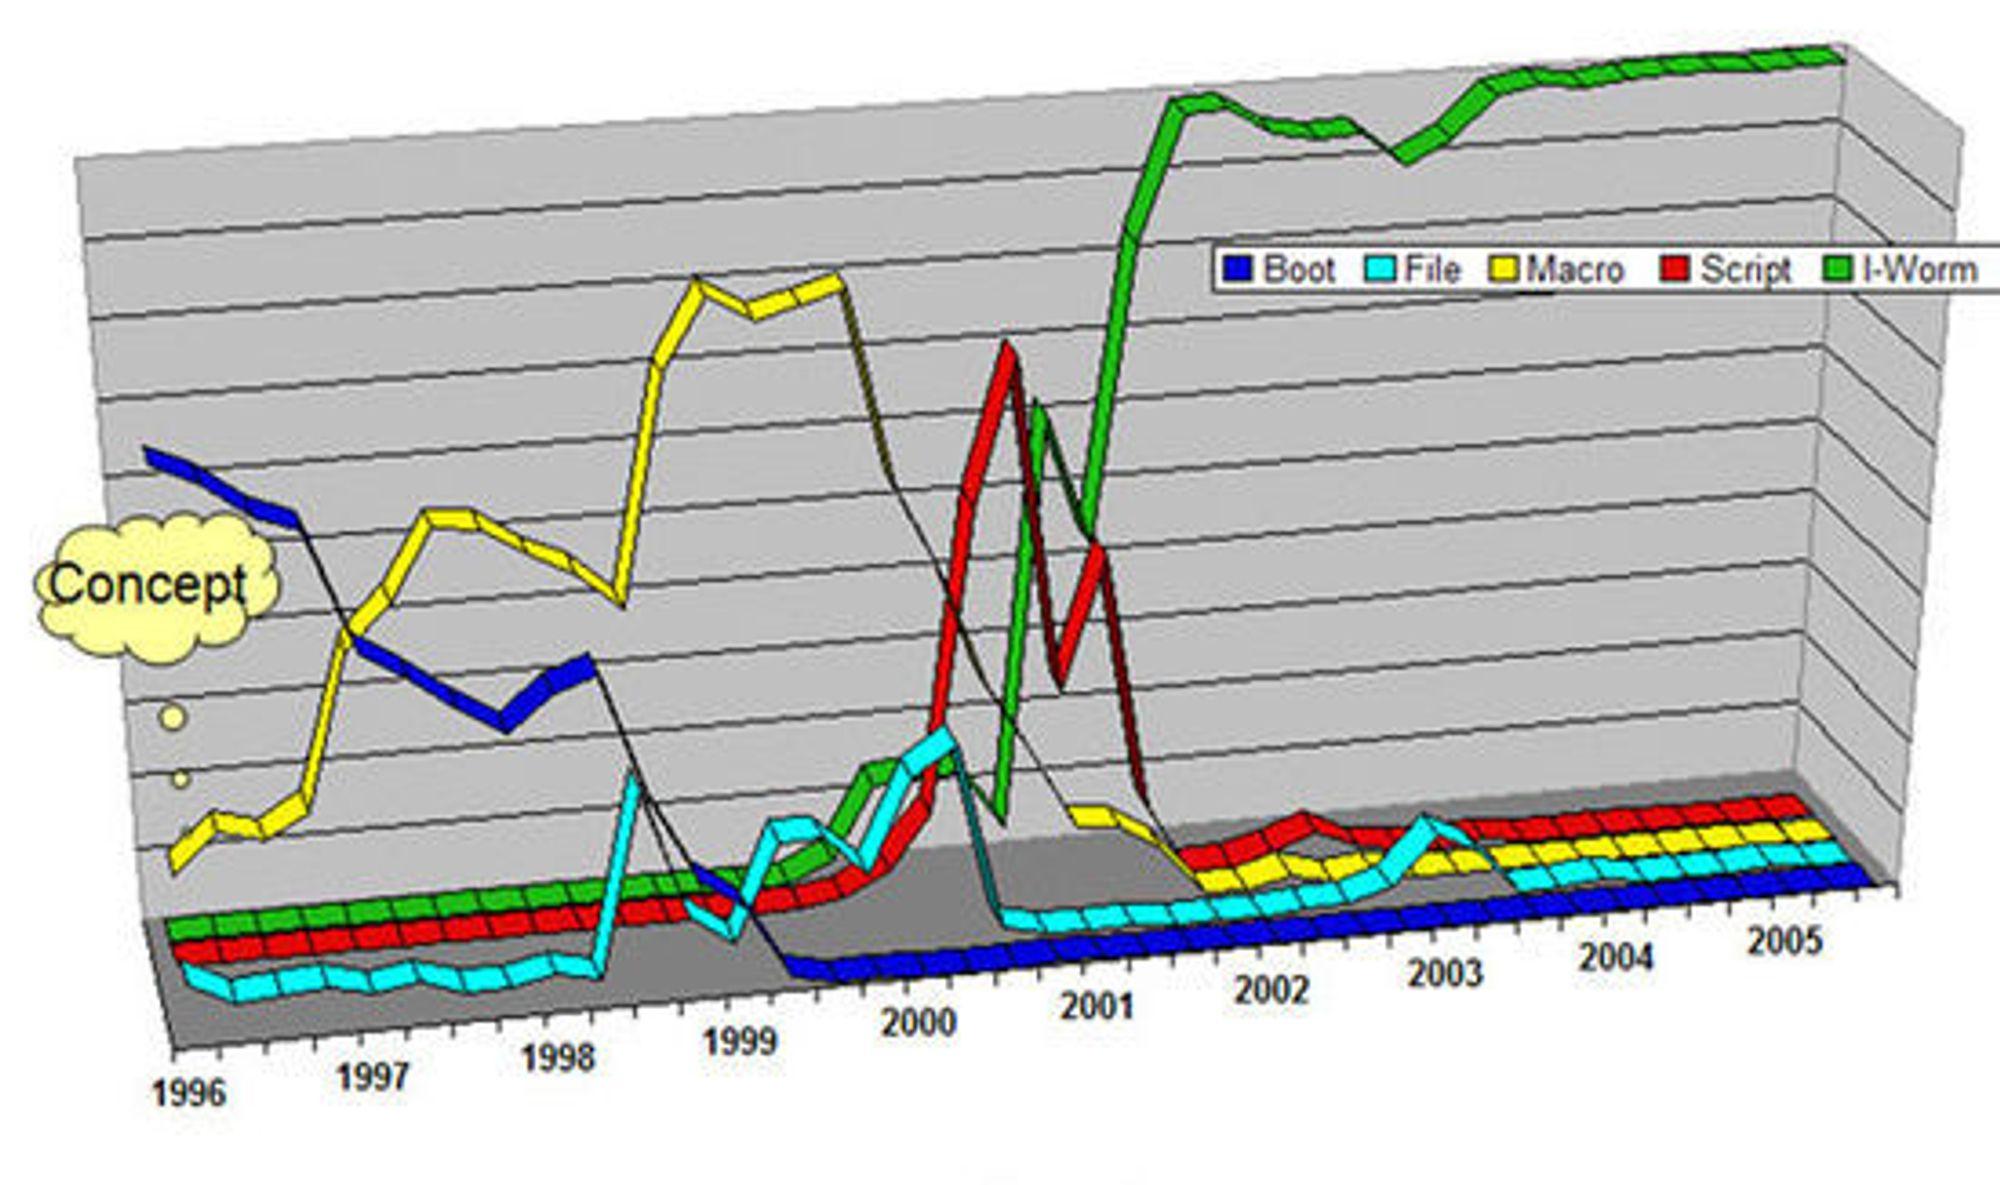 Selvreplikerende skadevaretyper oppdaget i perioden 1996 til 2005.